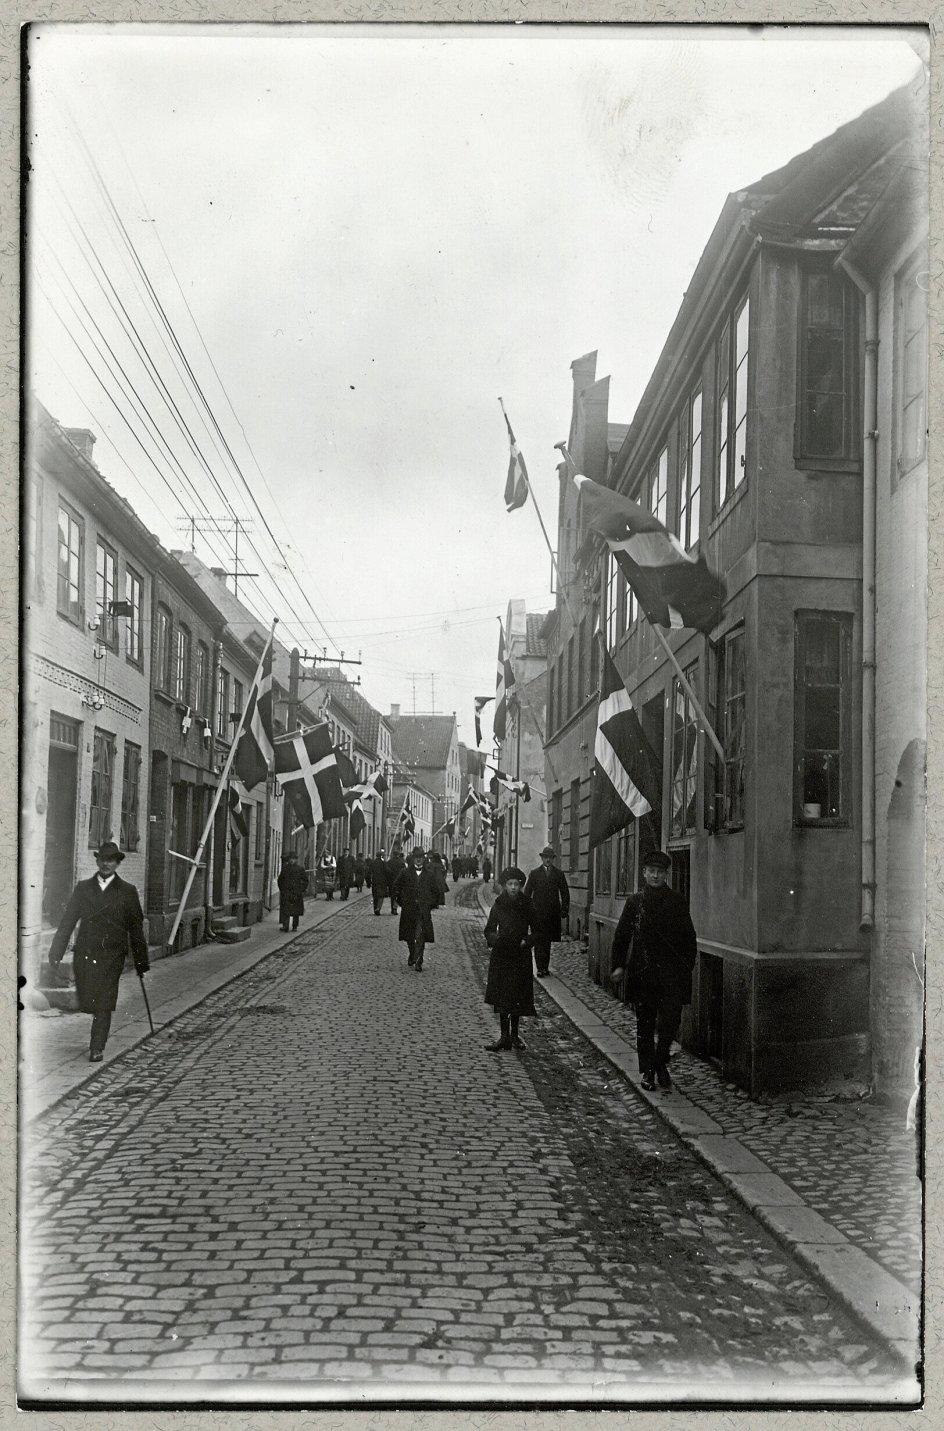 I forbindelse med afstemningerne om Sønderjyllands nationale tilhørsforhold i 1920 var landsdelens gader fyldt med Dannebrogsflag. - Foto: Holger Damgaard/Det Kongelige Biblioteks Billedsamling.